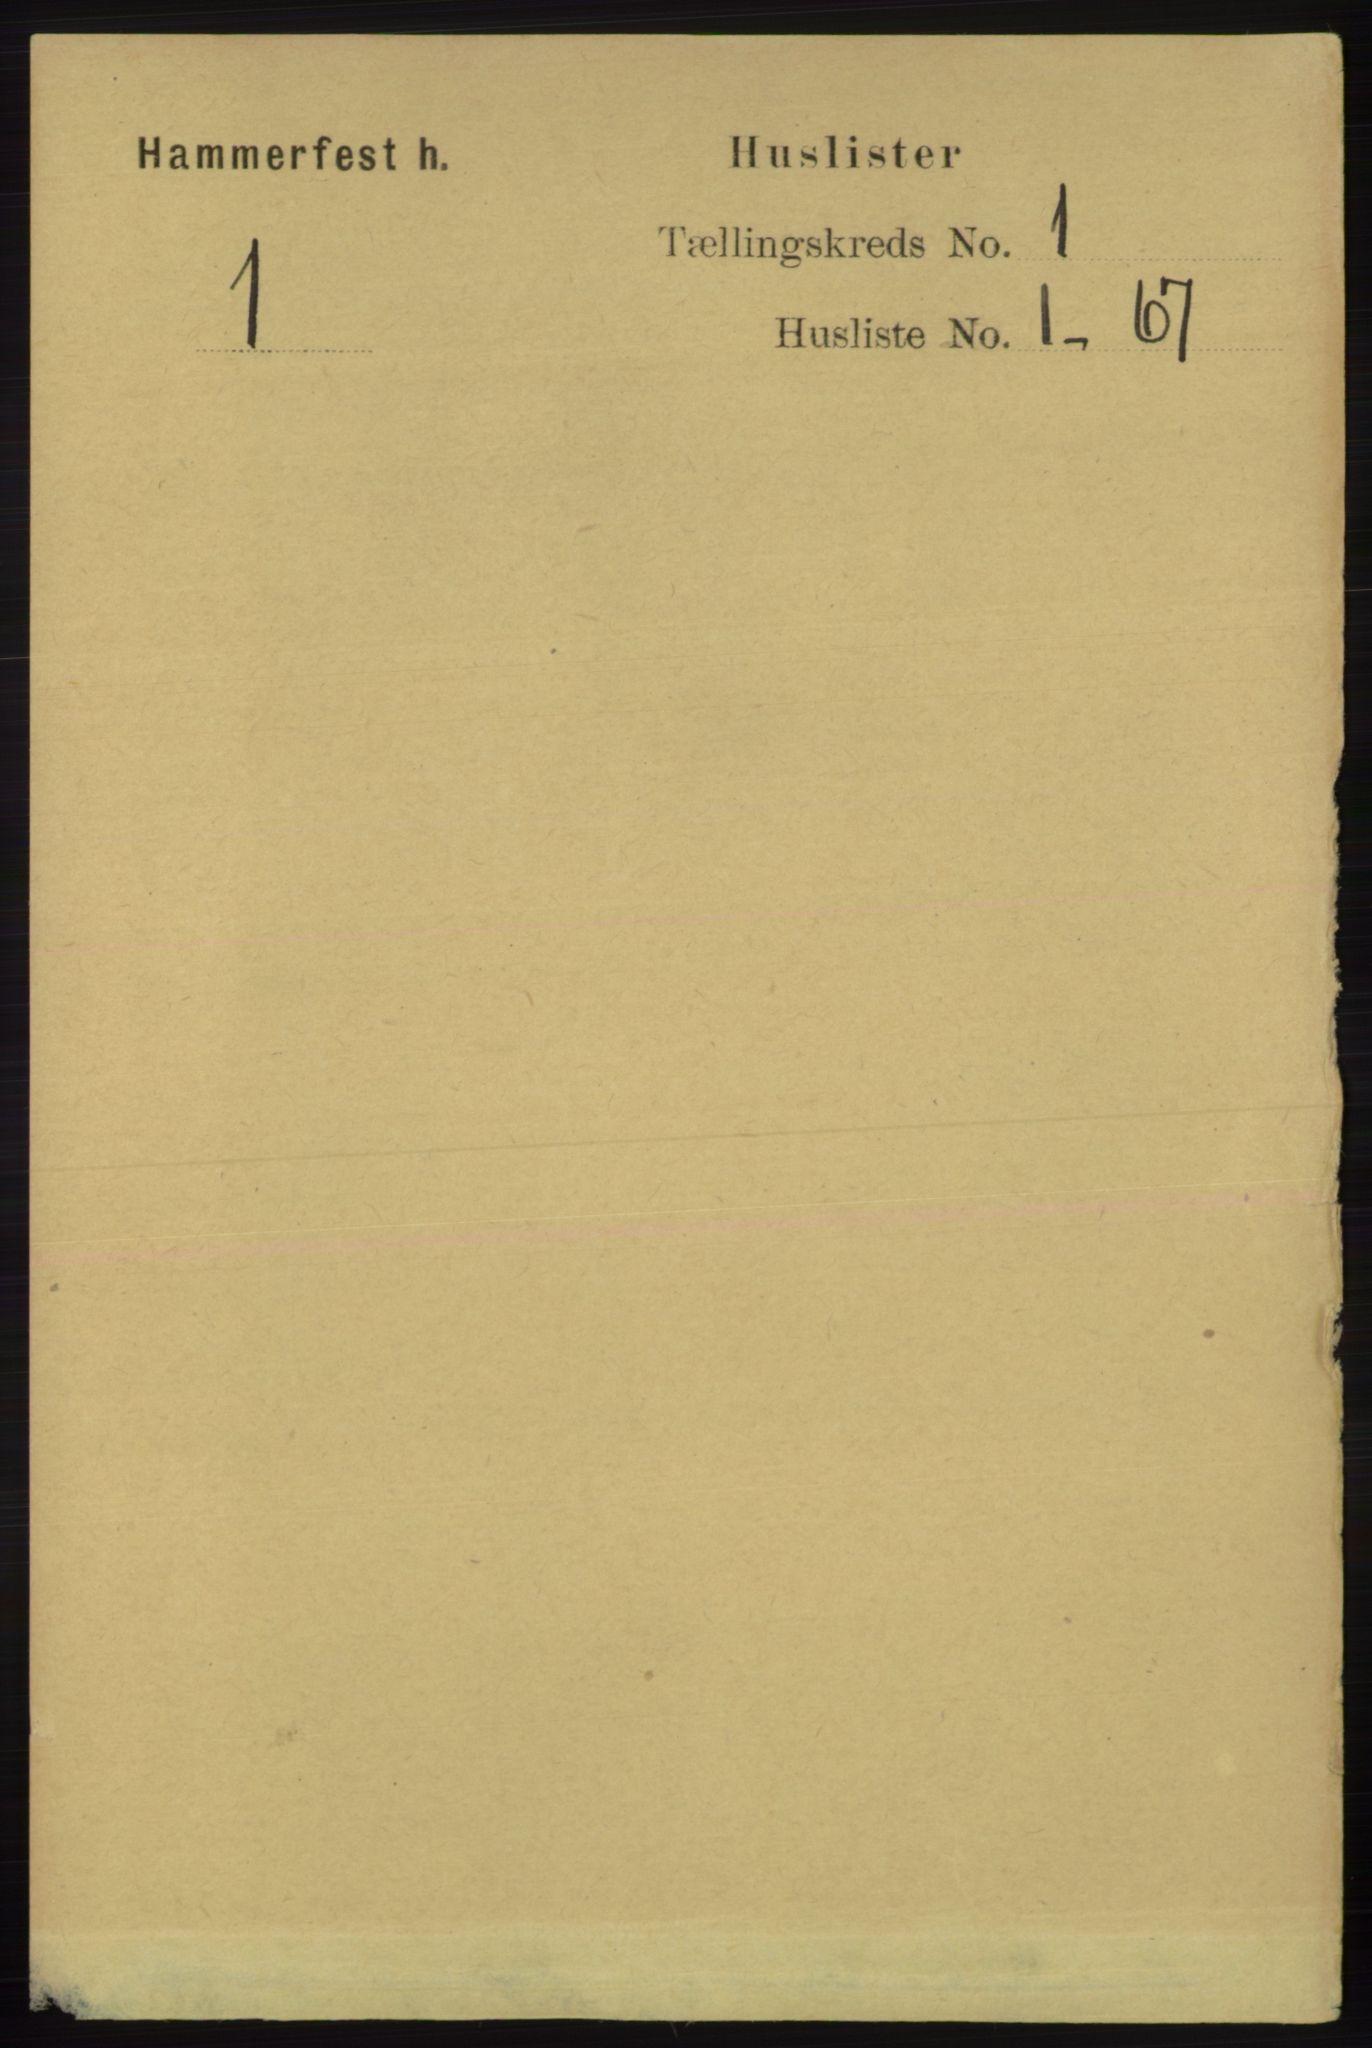 RA, Folketelling 1891 for 2016 Hammerfest herred, 1891, s. 13